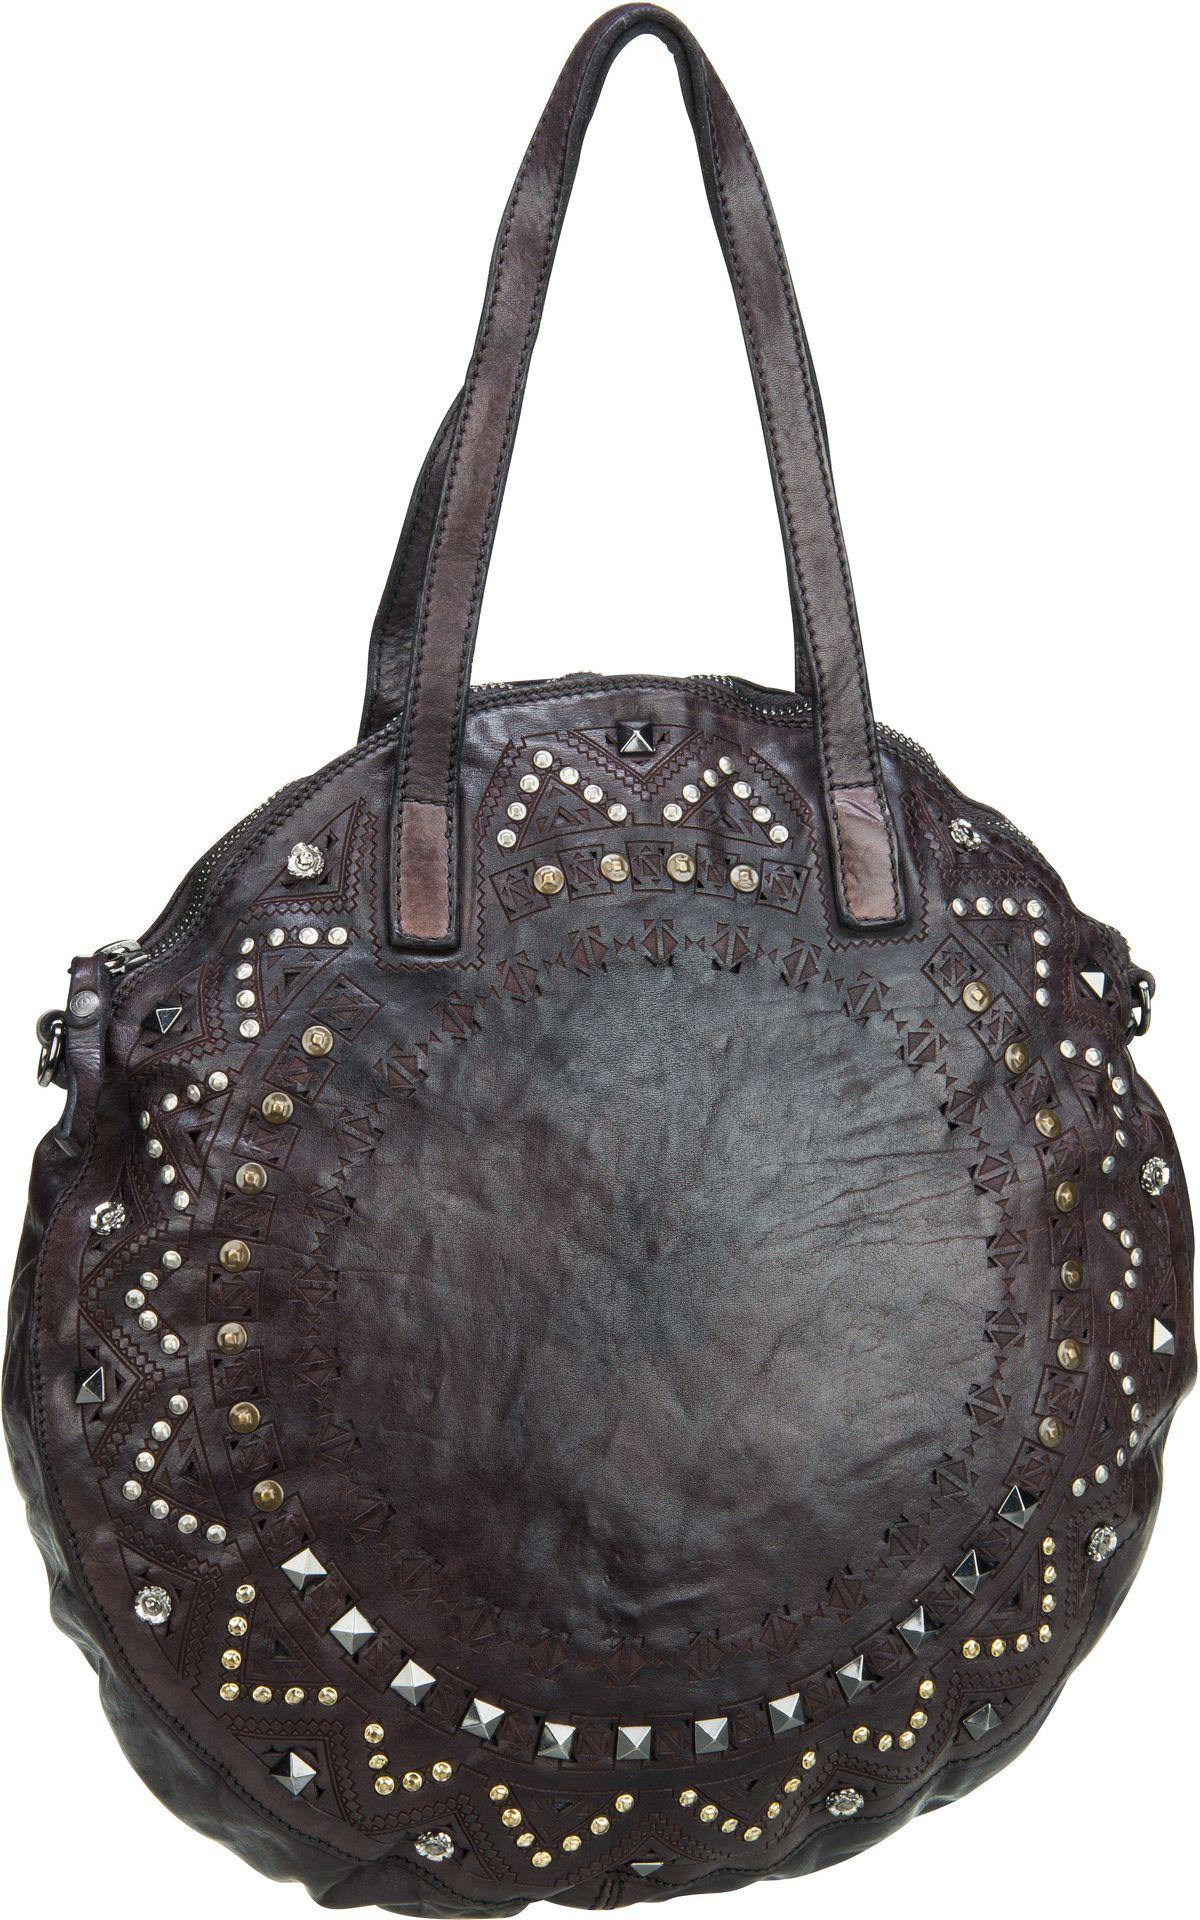 Handtasche Persefone C16150 Grigio